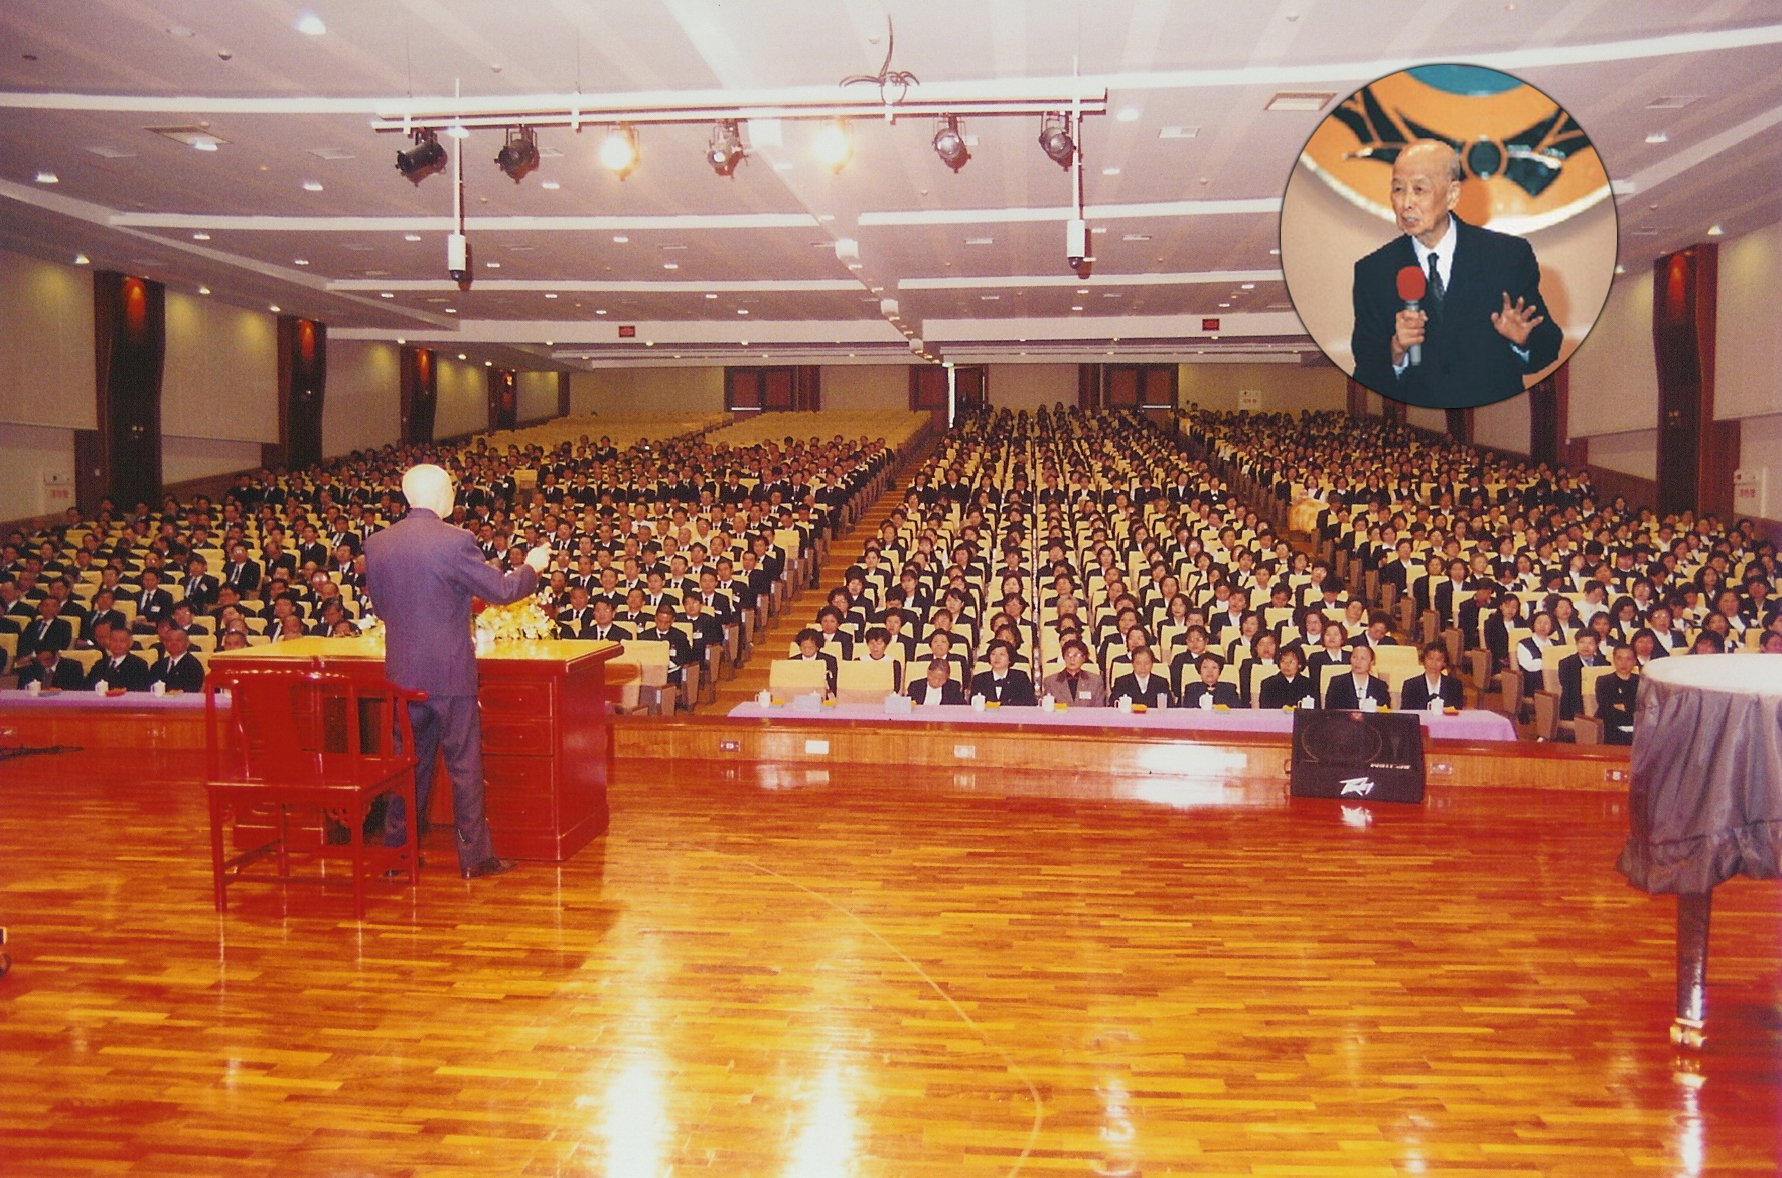 張老前人主持基礎忠恕學院初中高級部聯合結業典禮